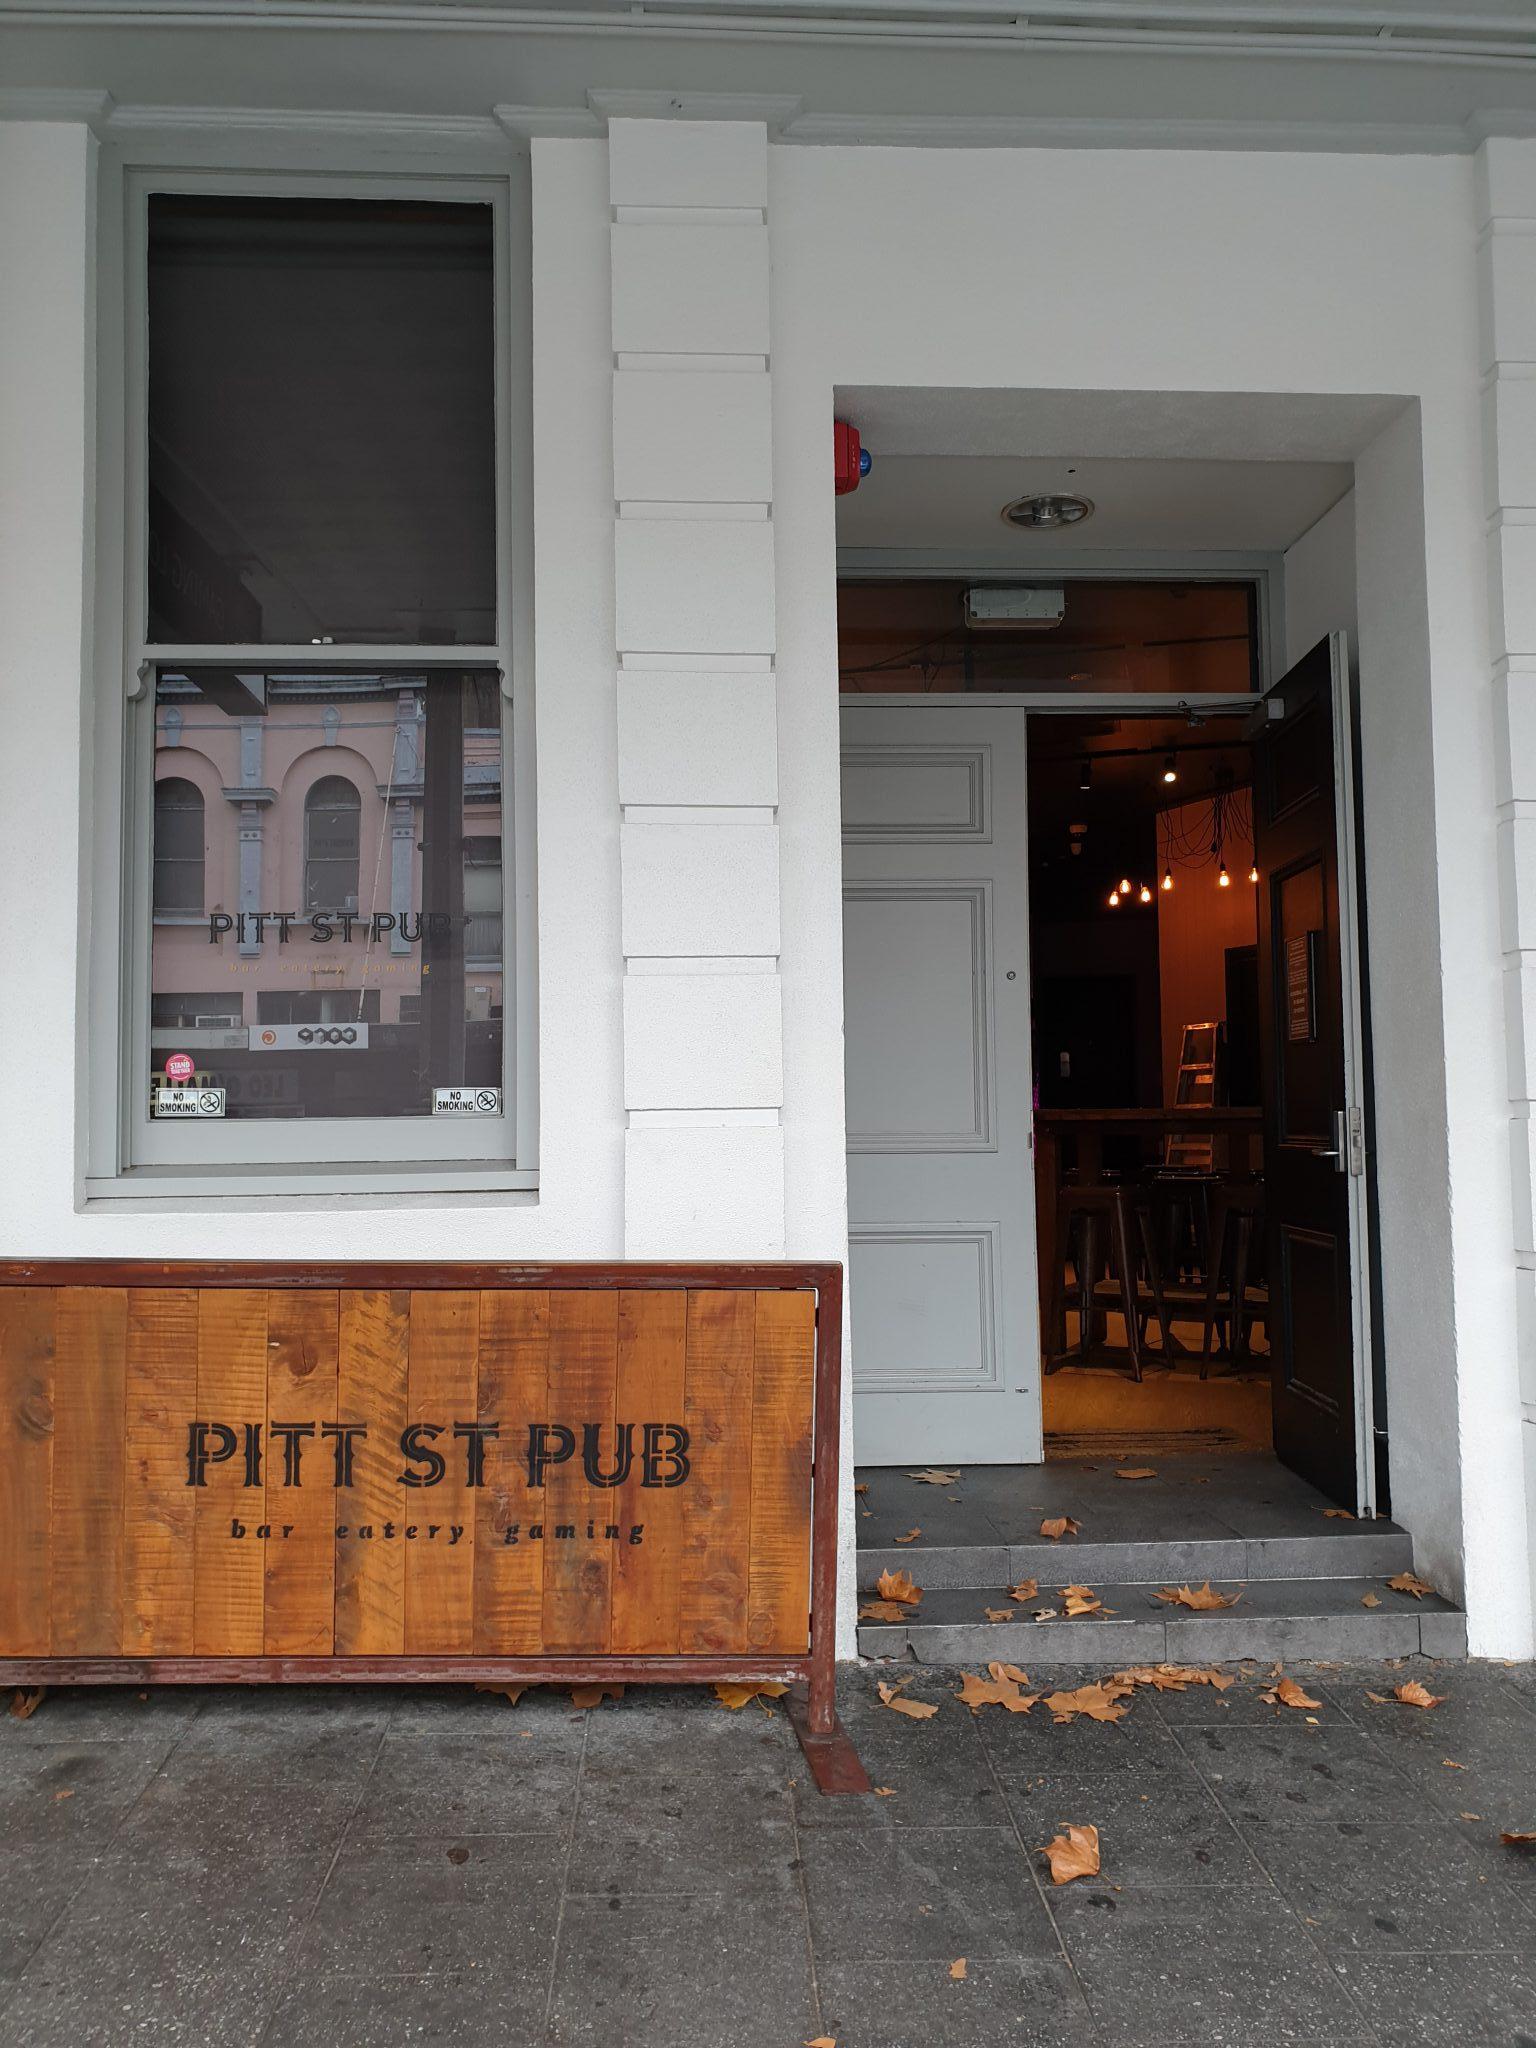 Pitt Street Pub 1